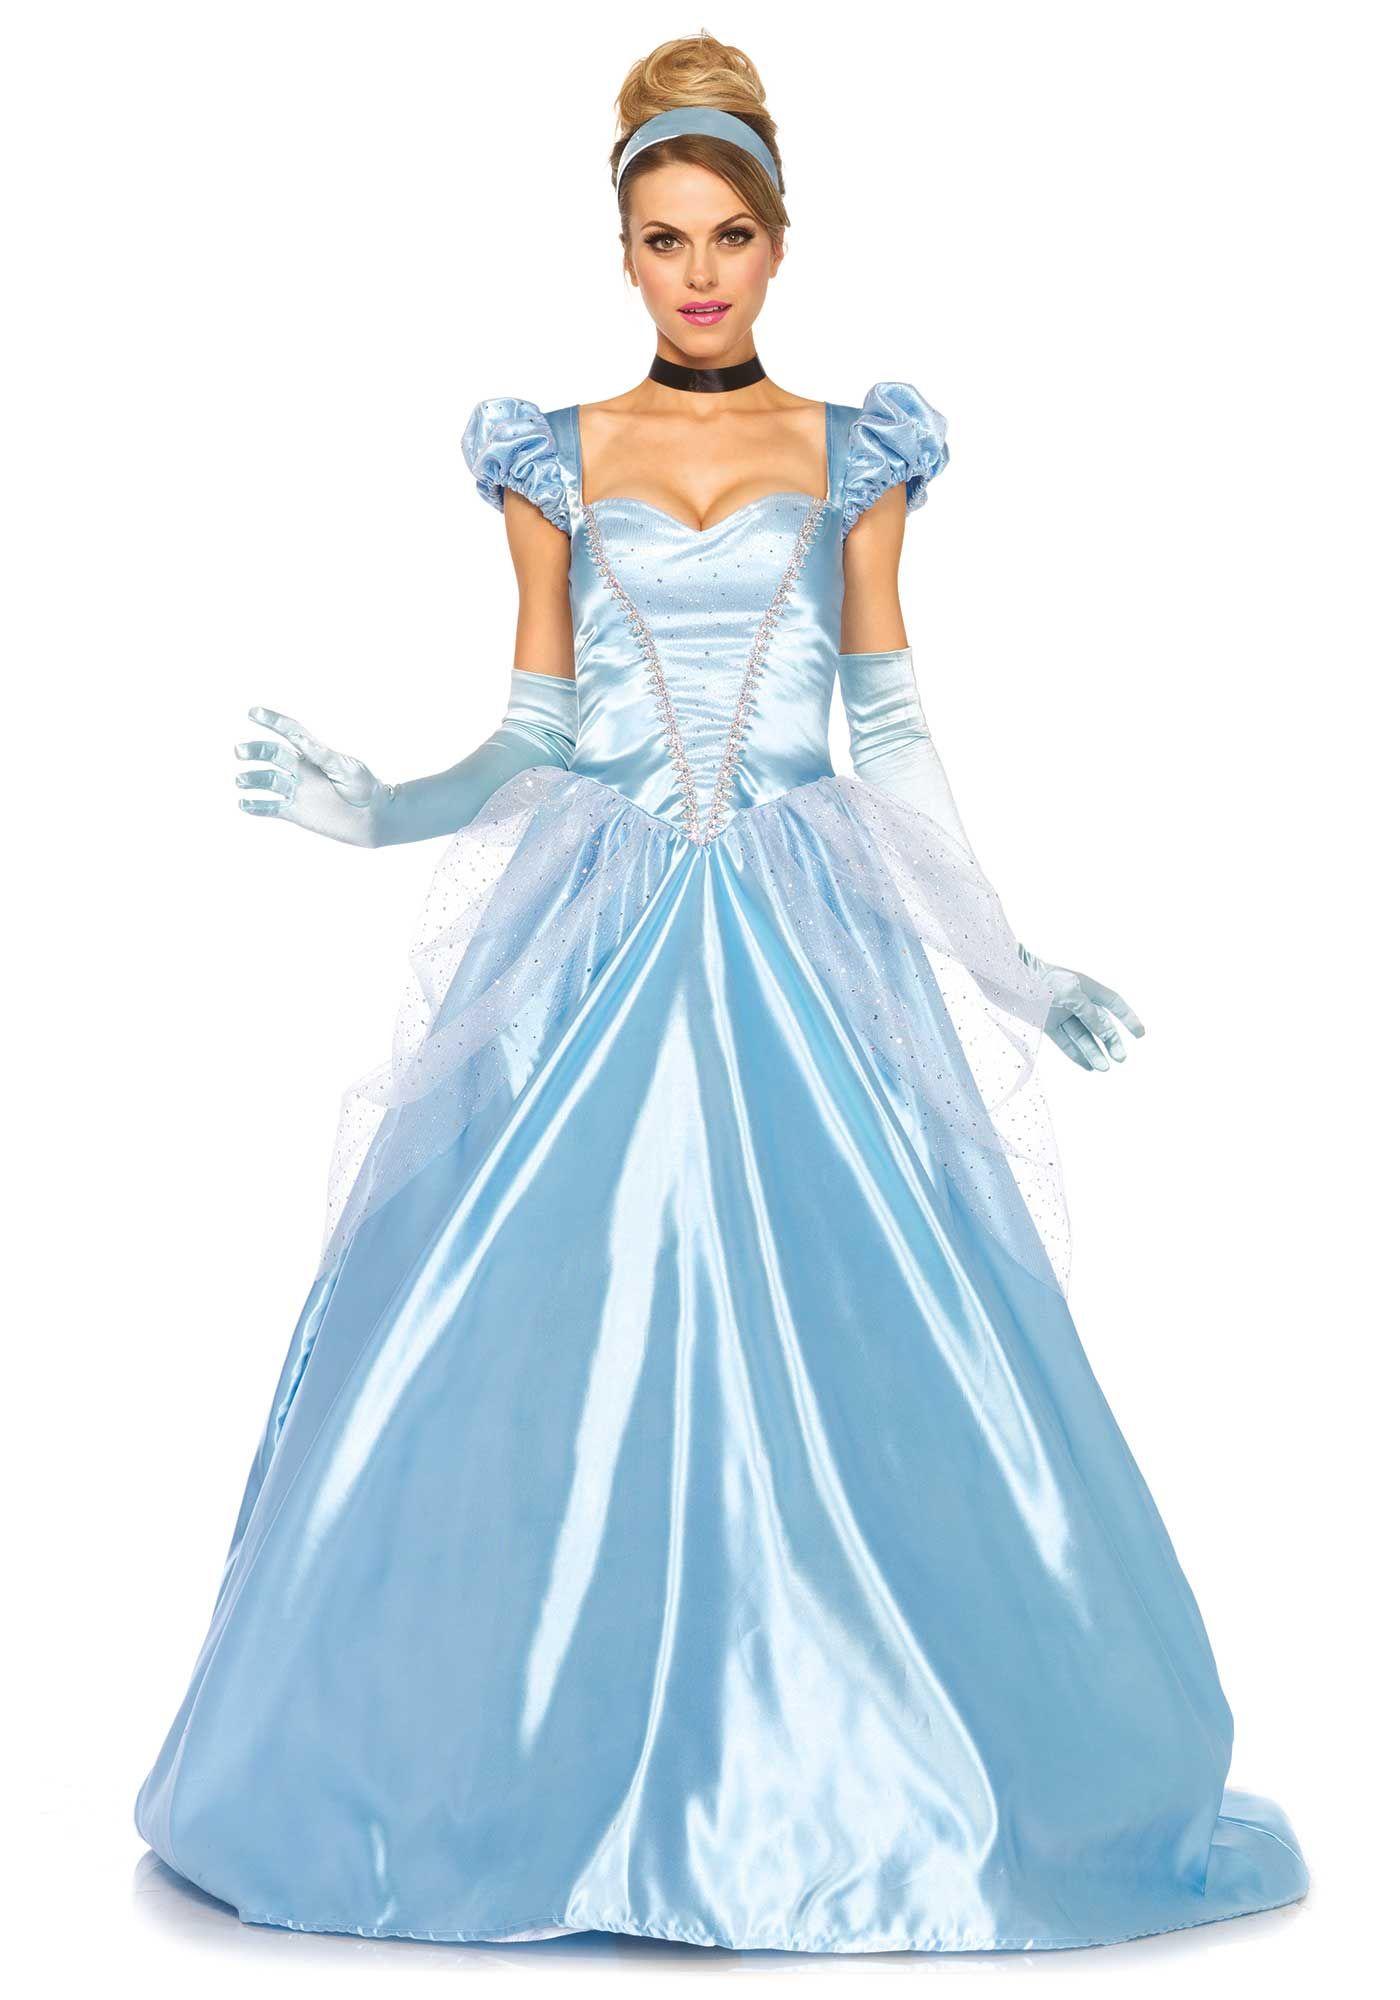 Disfraz Cenicienta mujer | Disfraz de princesa, Azul claro y Cenicienta